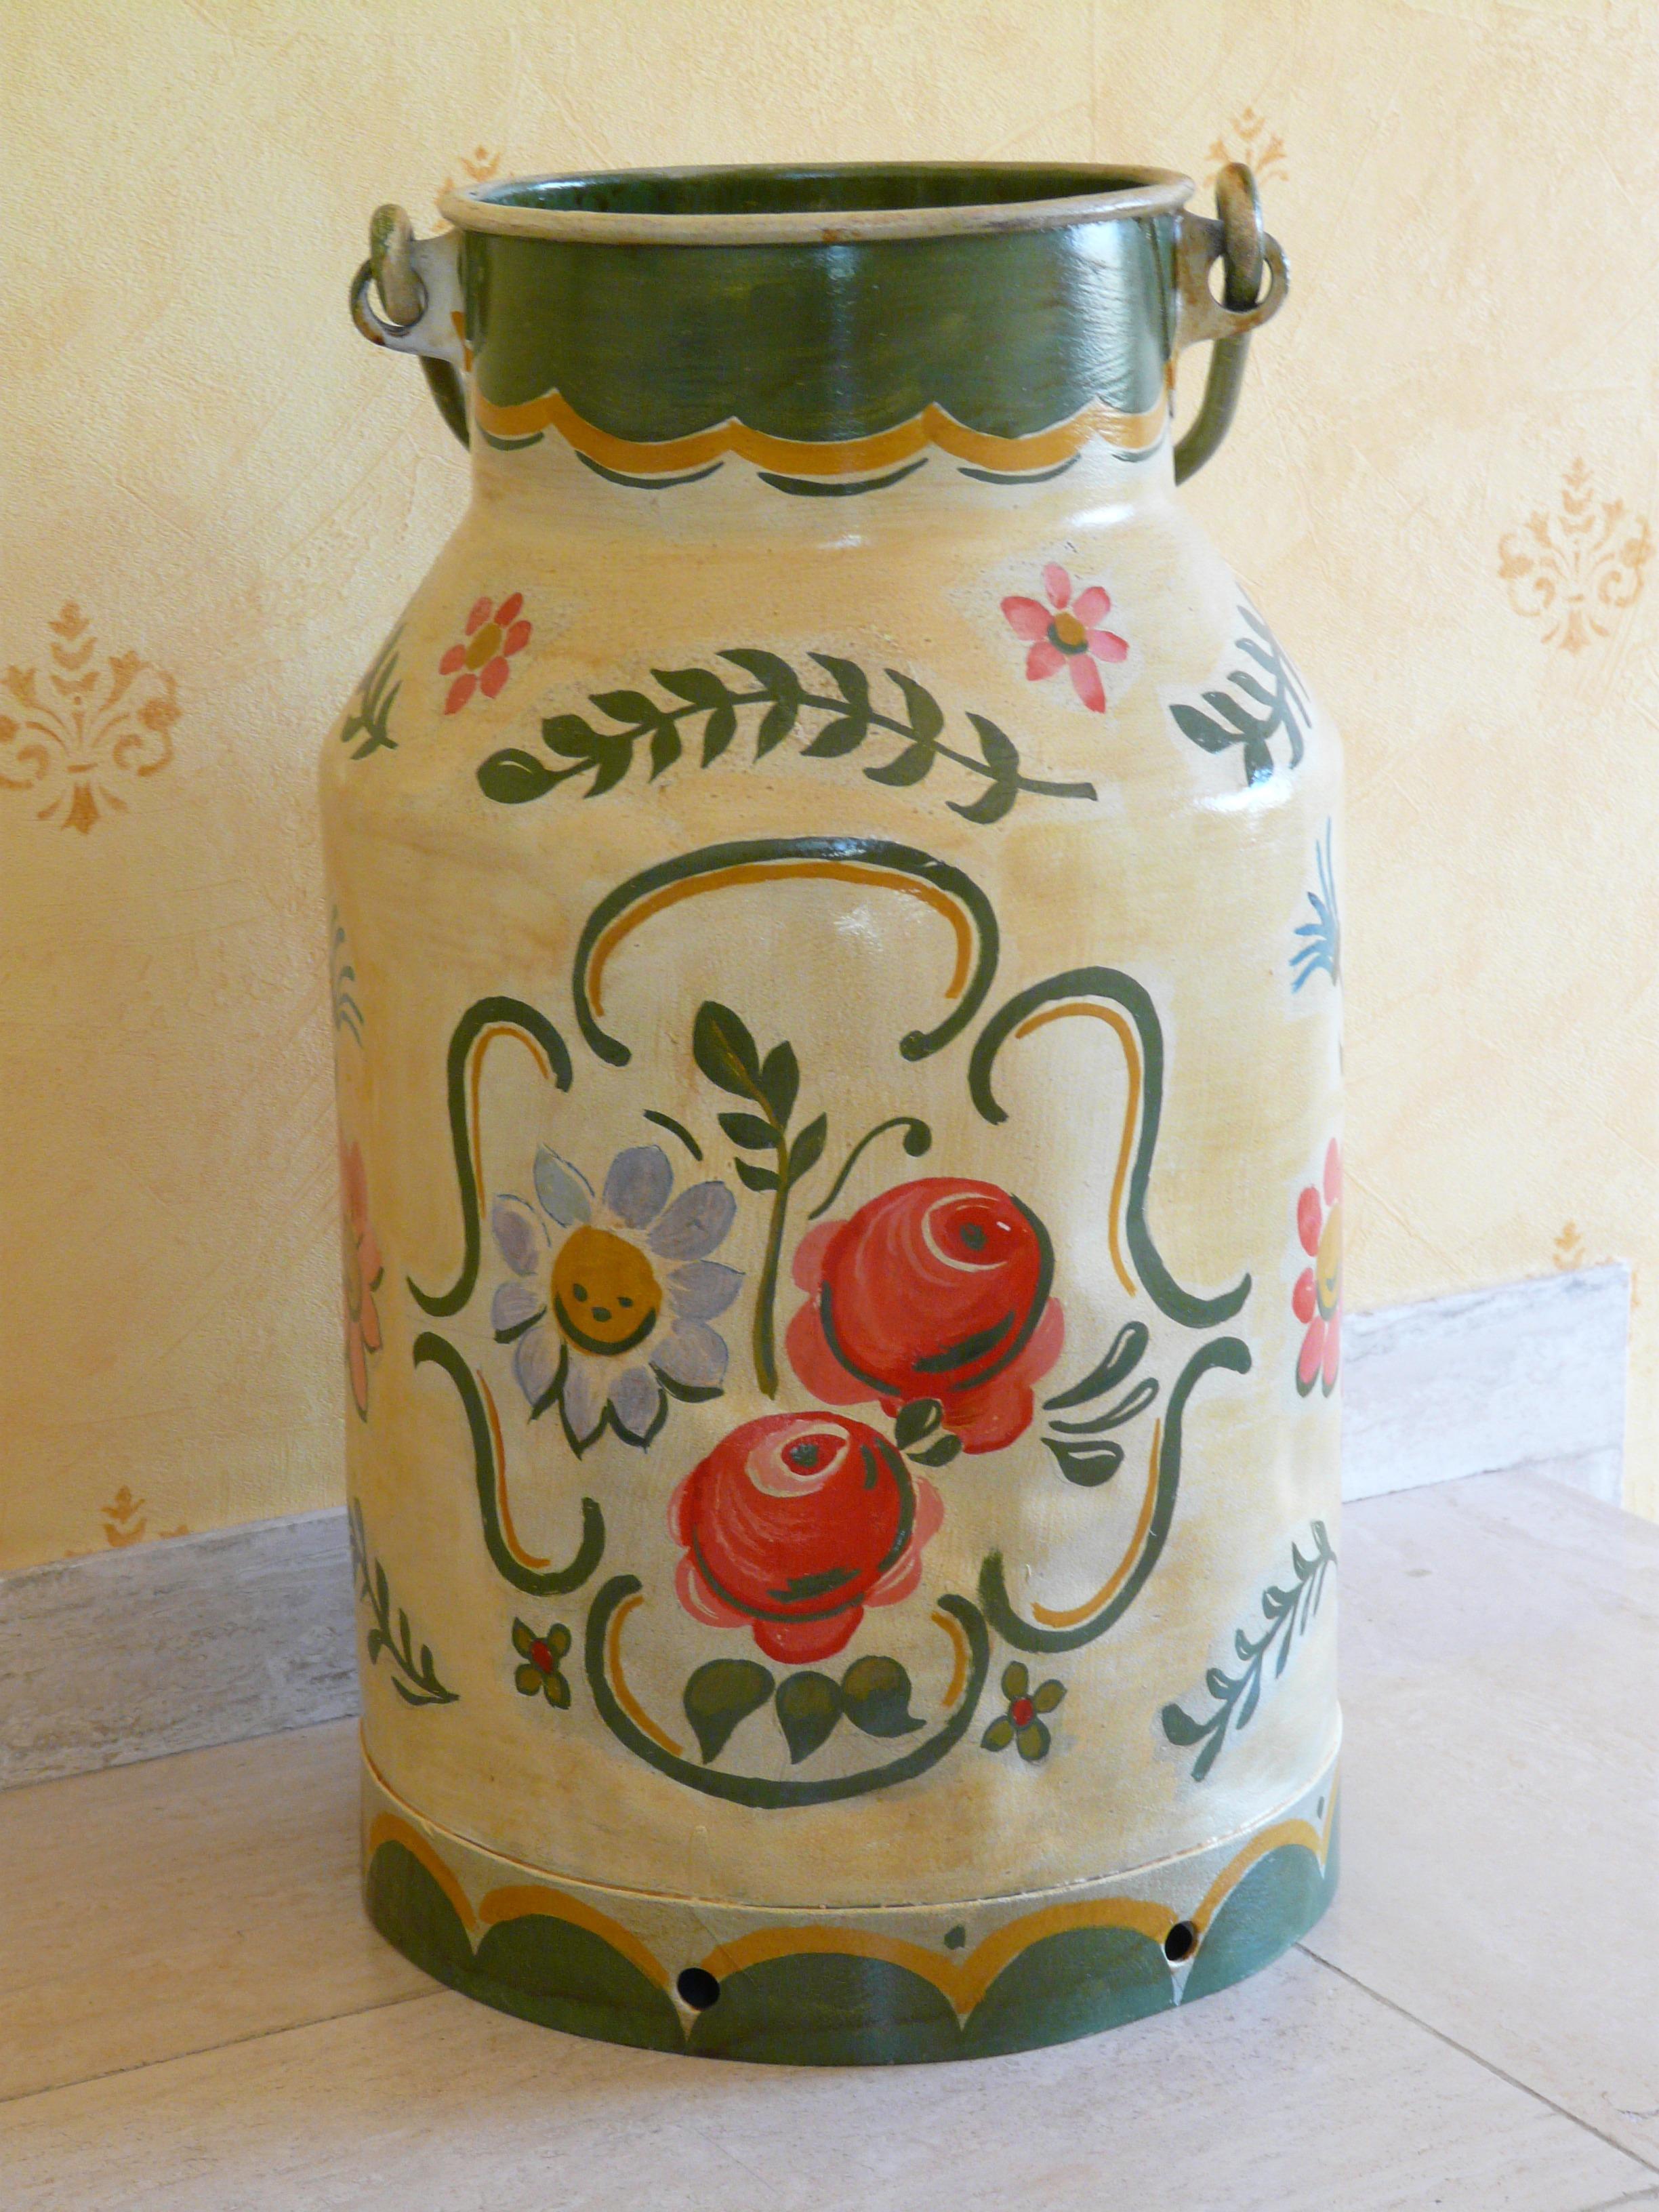 Gambar Bunga Kaca Pot Cangkir Vas Keramik Botol Mangkok